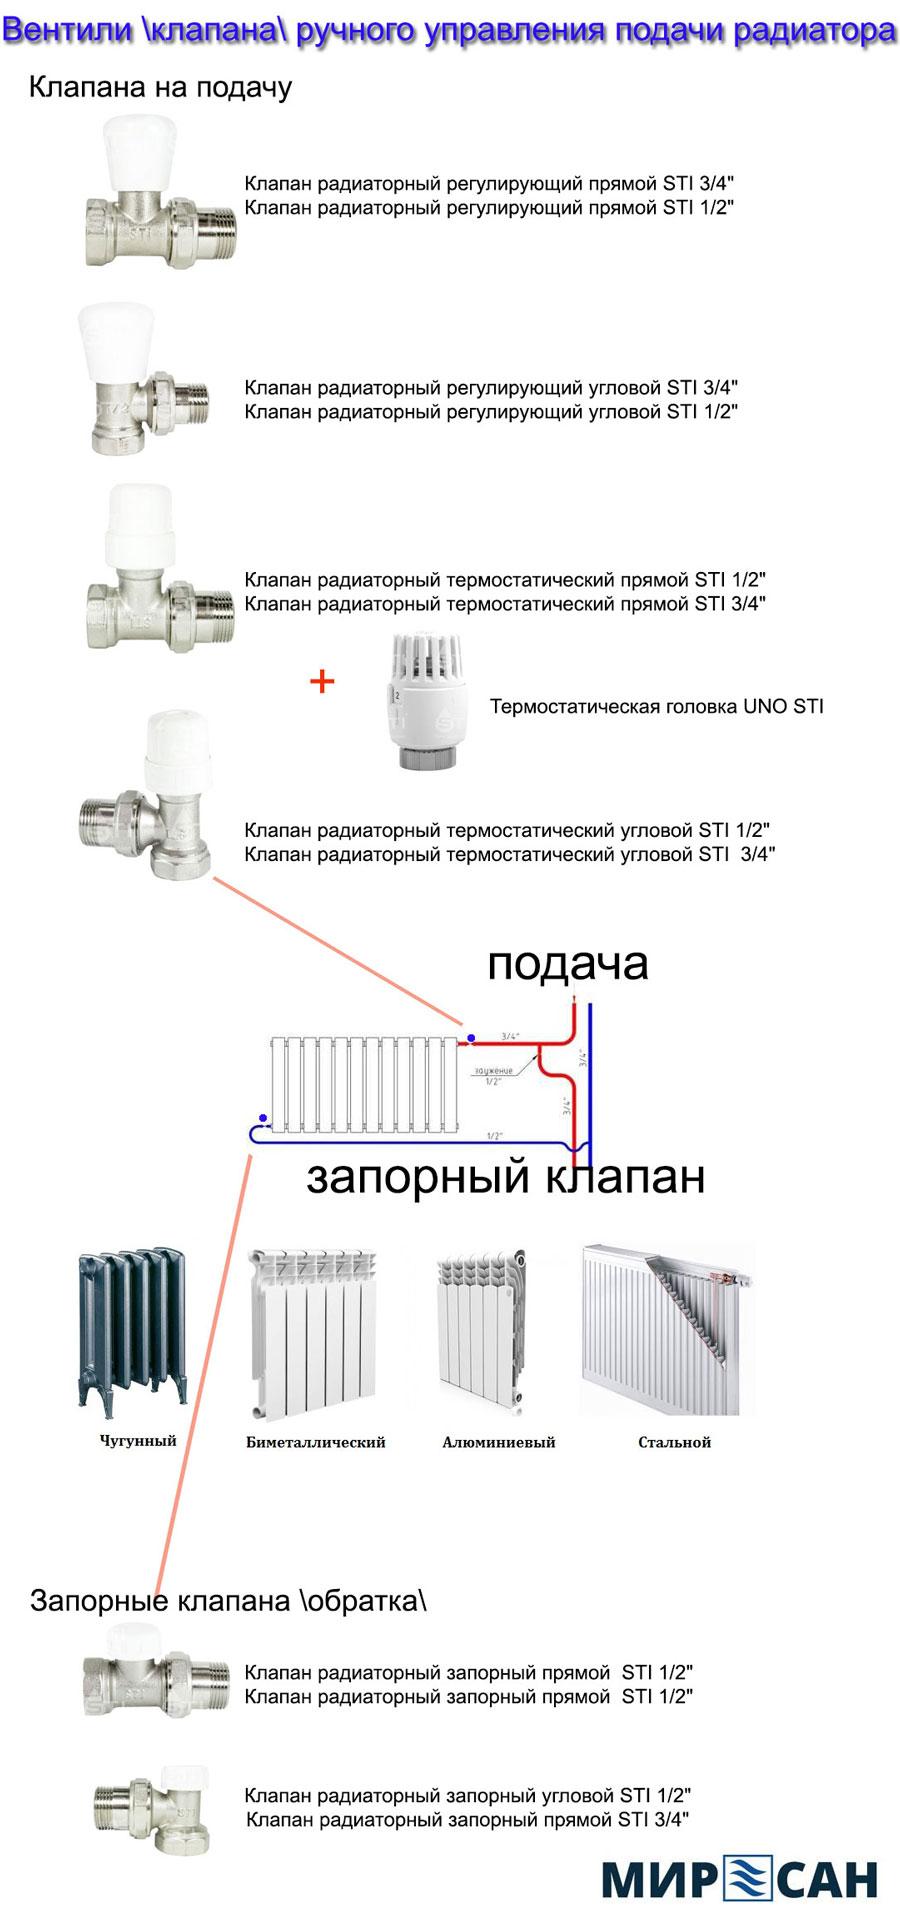 Клапана (вентили) радиаторные ручные, варианты и виды